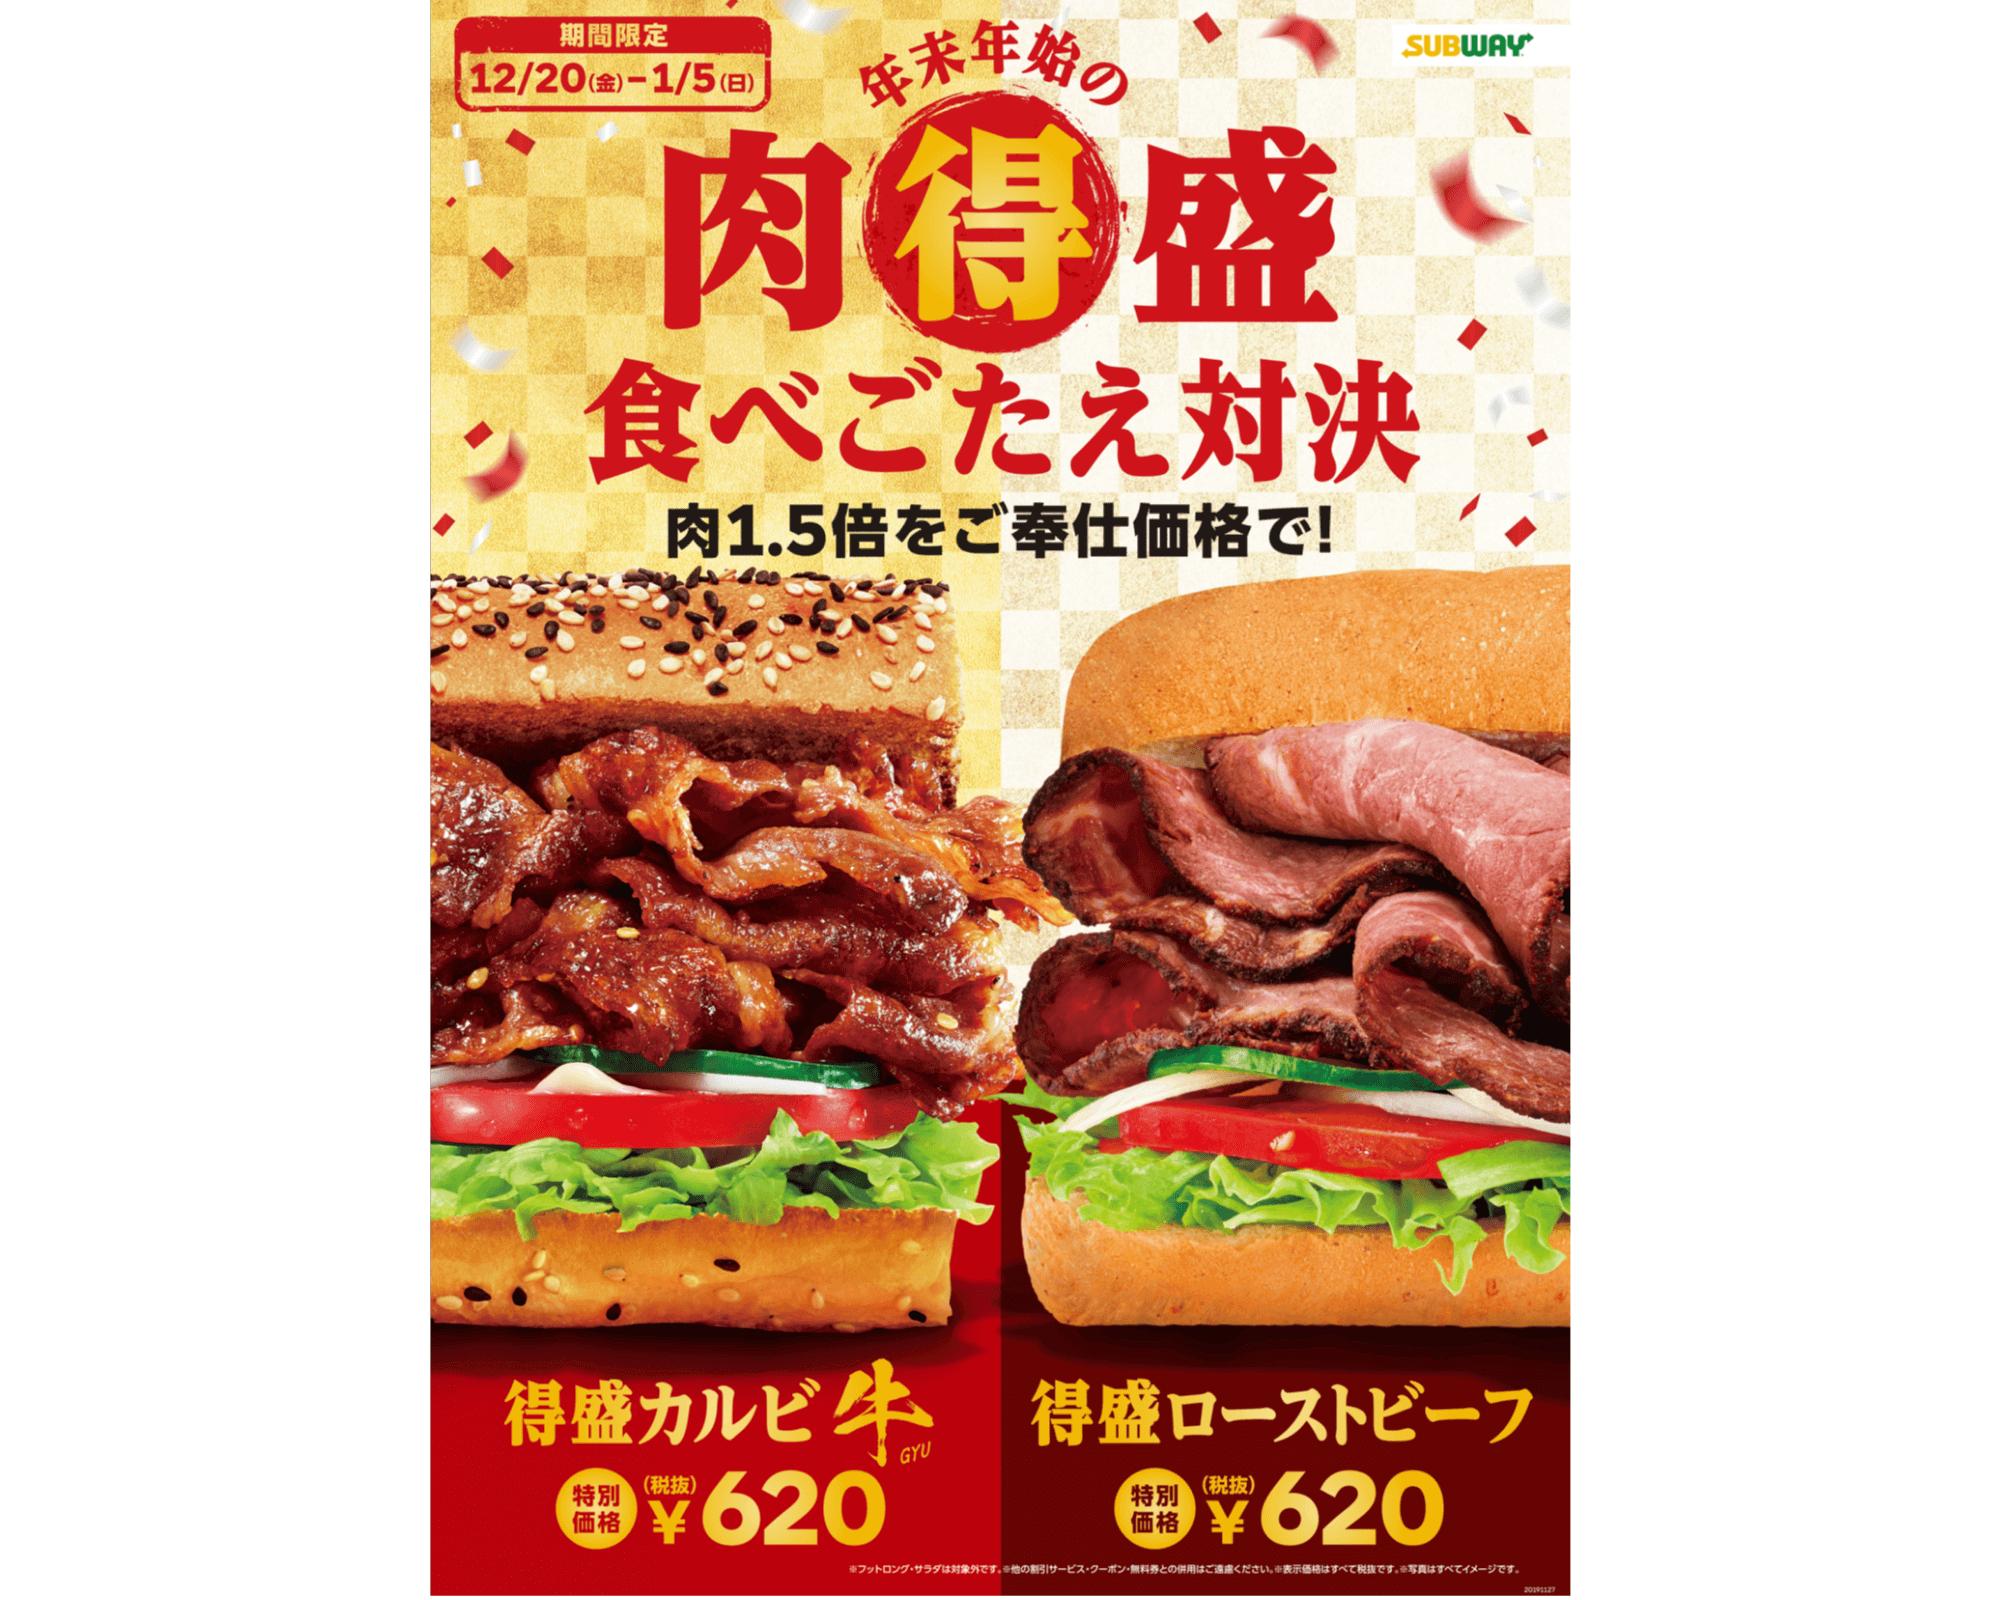 サブウェイの『年末年始の肉得盛食べごたえ対決キャンペーン』